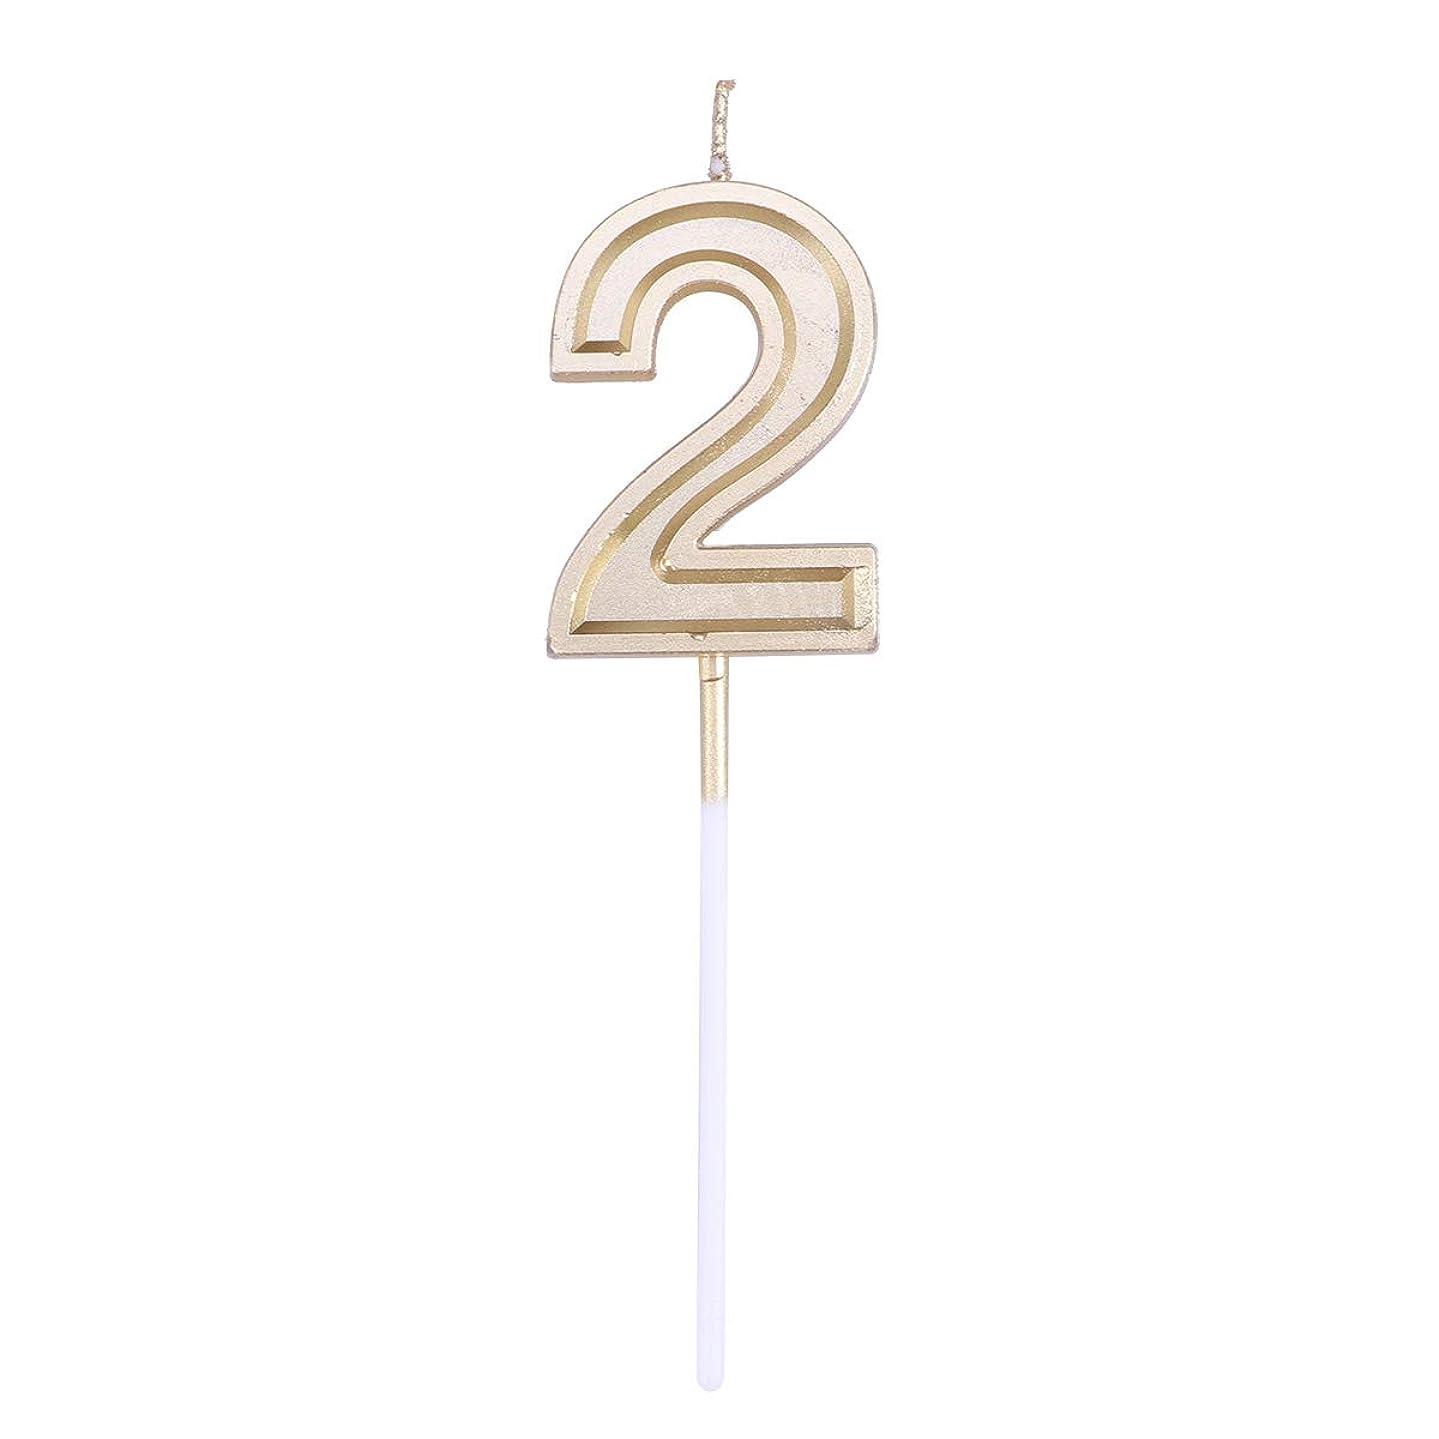 。累計準拠Toyvian ゴールドラメ誕生日おめでとう数字キャンドル番号キャンドルケーキトッパー装飾用大人キッズパーティー(ナンバー2)